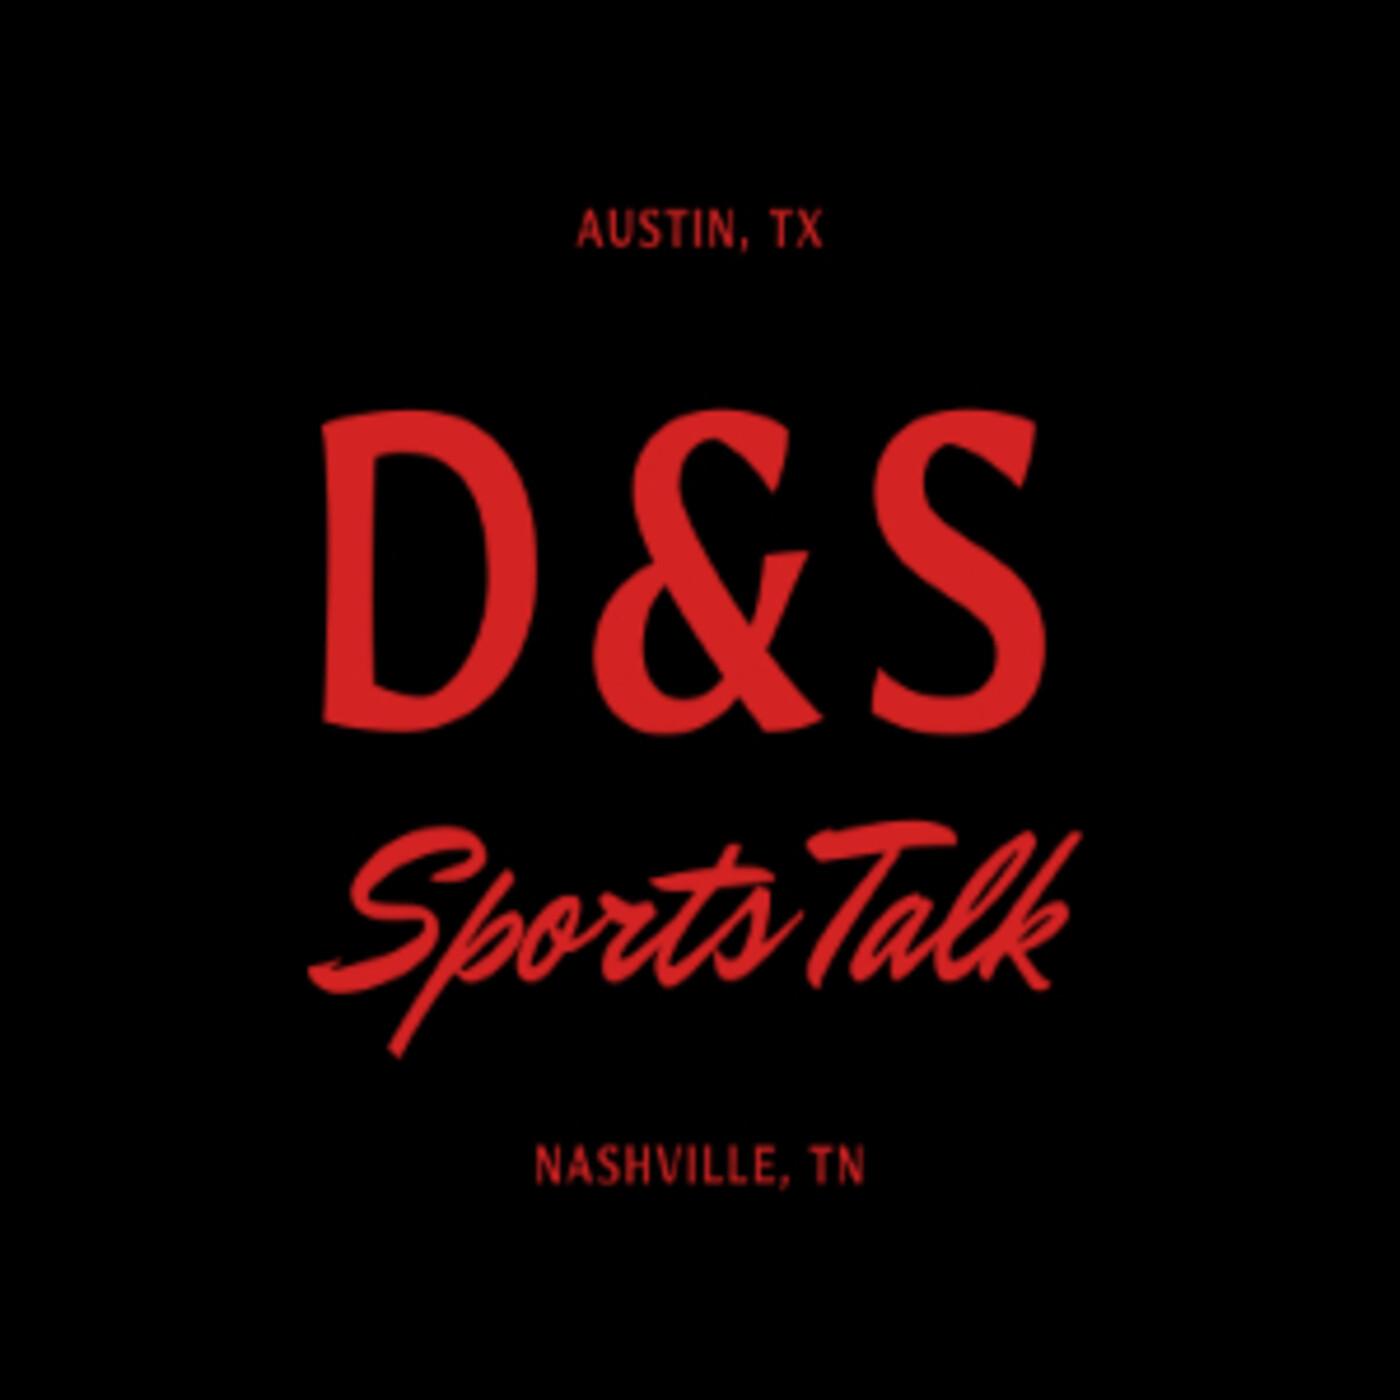 D&S Sports Talk - October 20th